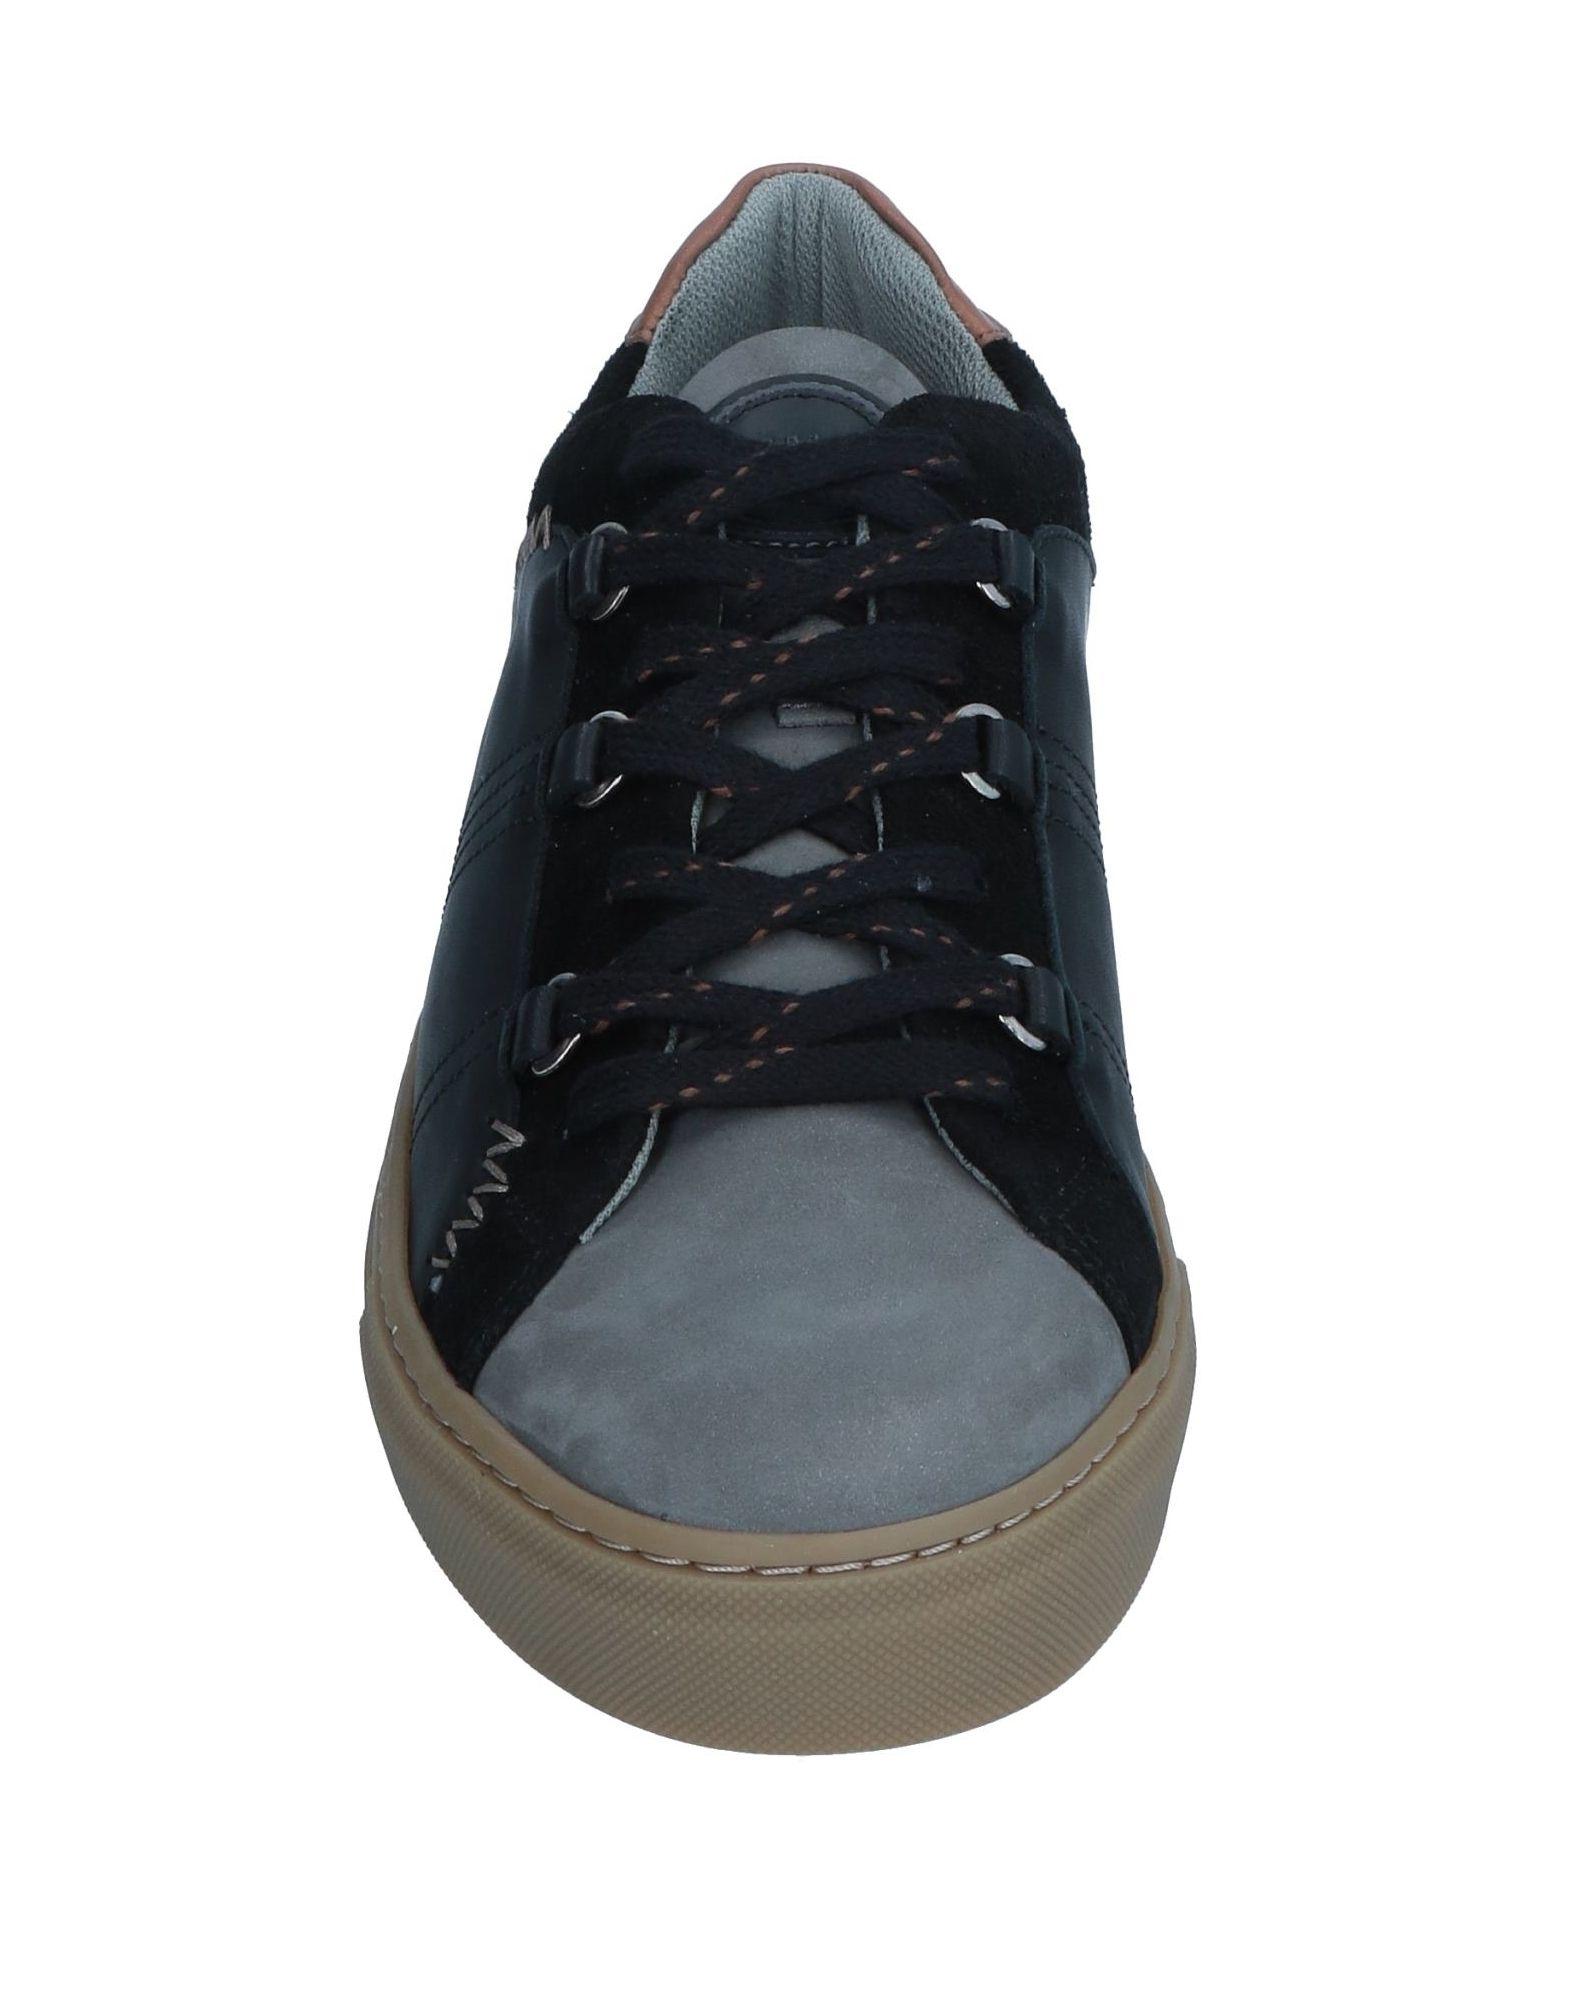 Rabatt echte  Schuhe Colmar Sneakers Herren  echte 11546492IC e71188